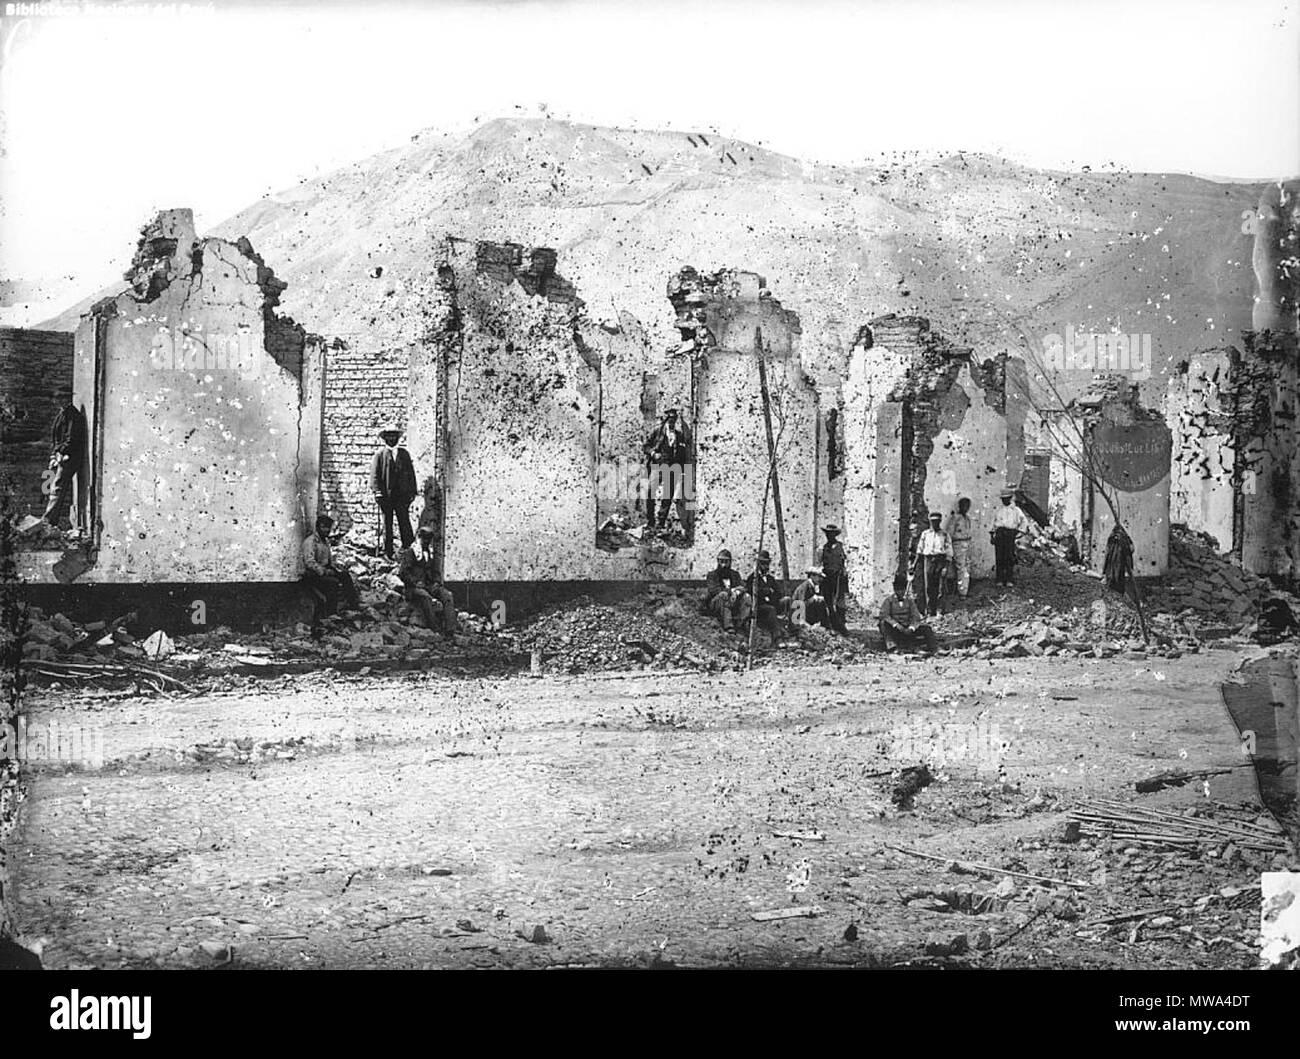 . Chorrilos (Destruido por los Chilenos). Vista de los efectos de la invasión chilena en el pueblo deChorrillos, luego de la derrota de las Fuerzas peruanas en la batalla de San Juan (1881). Ejemplar en positivo en F/985.061/CH Y76/1 CU:2/31A. http://courret.perucultural.org.pe/muestraimagen.asp?imagen=09F0108&nitem=1&tipoimagen=V&numid=88344812 . Chorrilos 1881. Eugéne Courret 128 Chorrilos Courret 1881 Immagini Stock